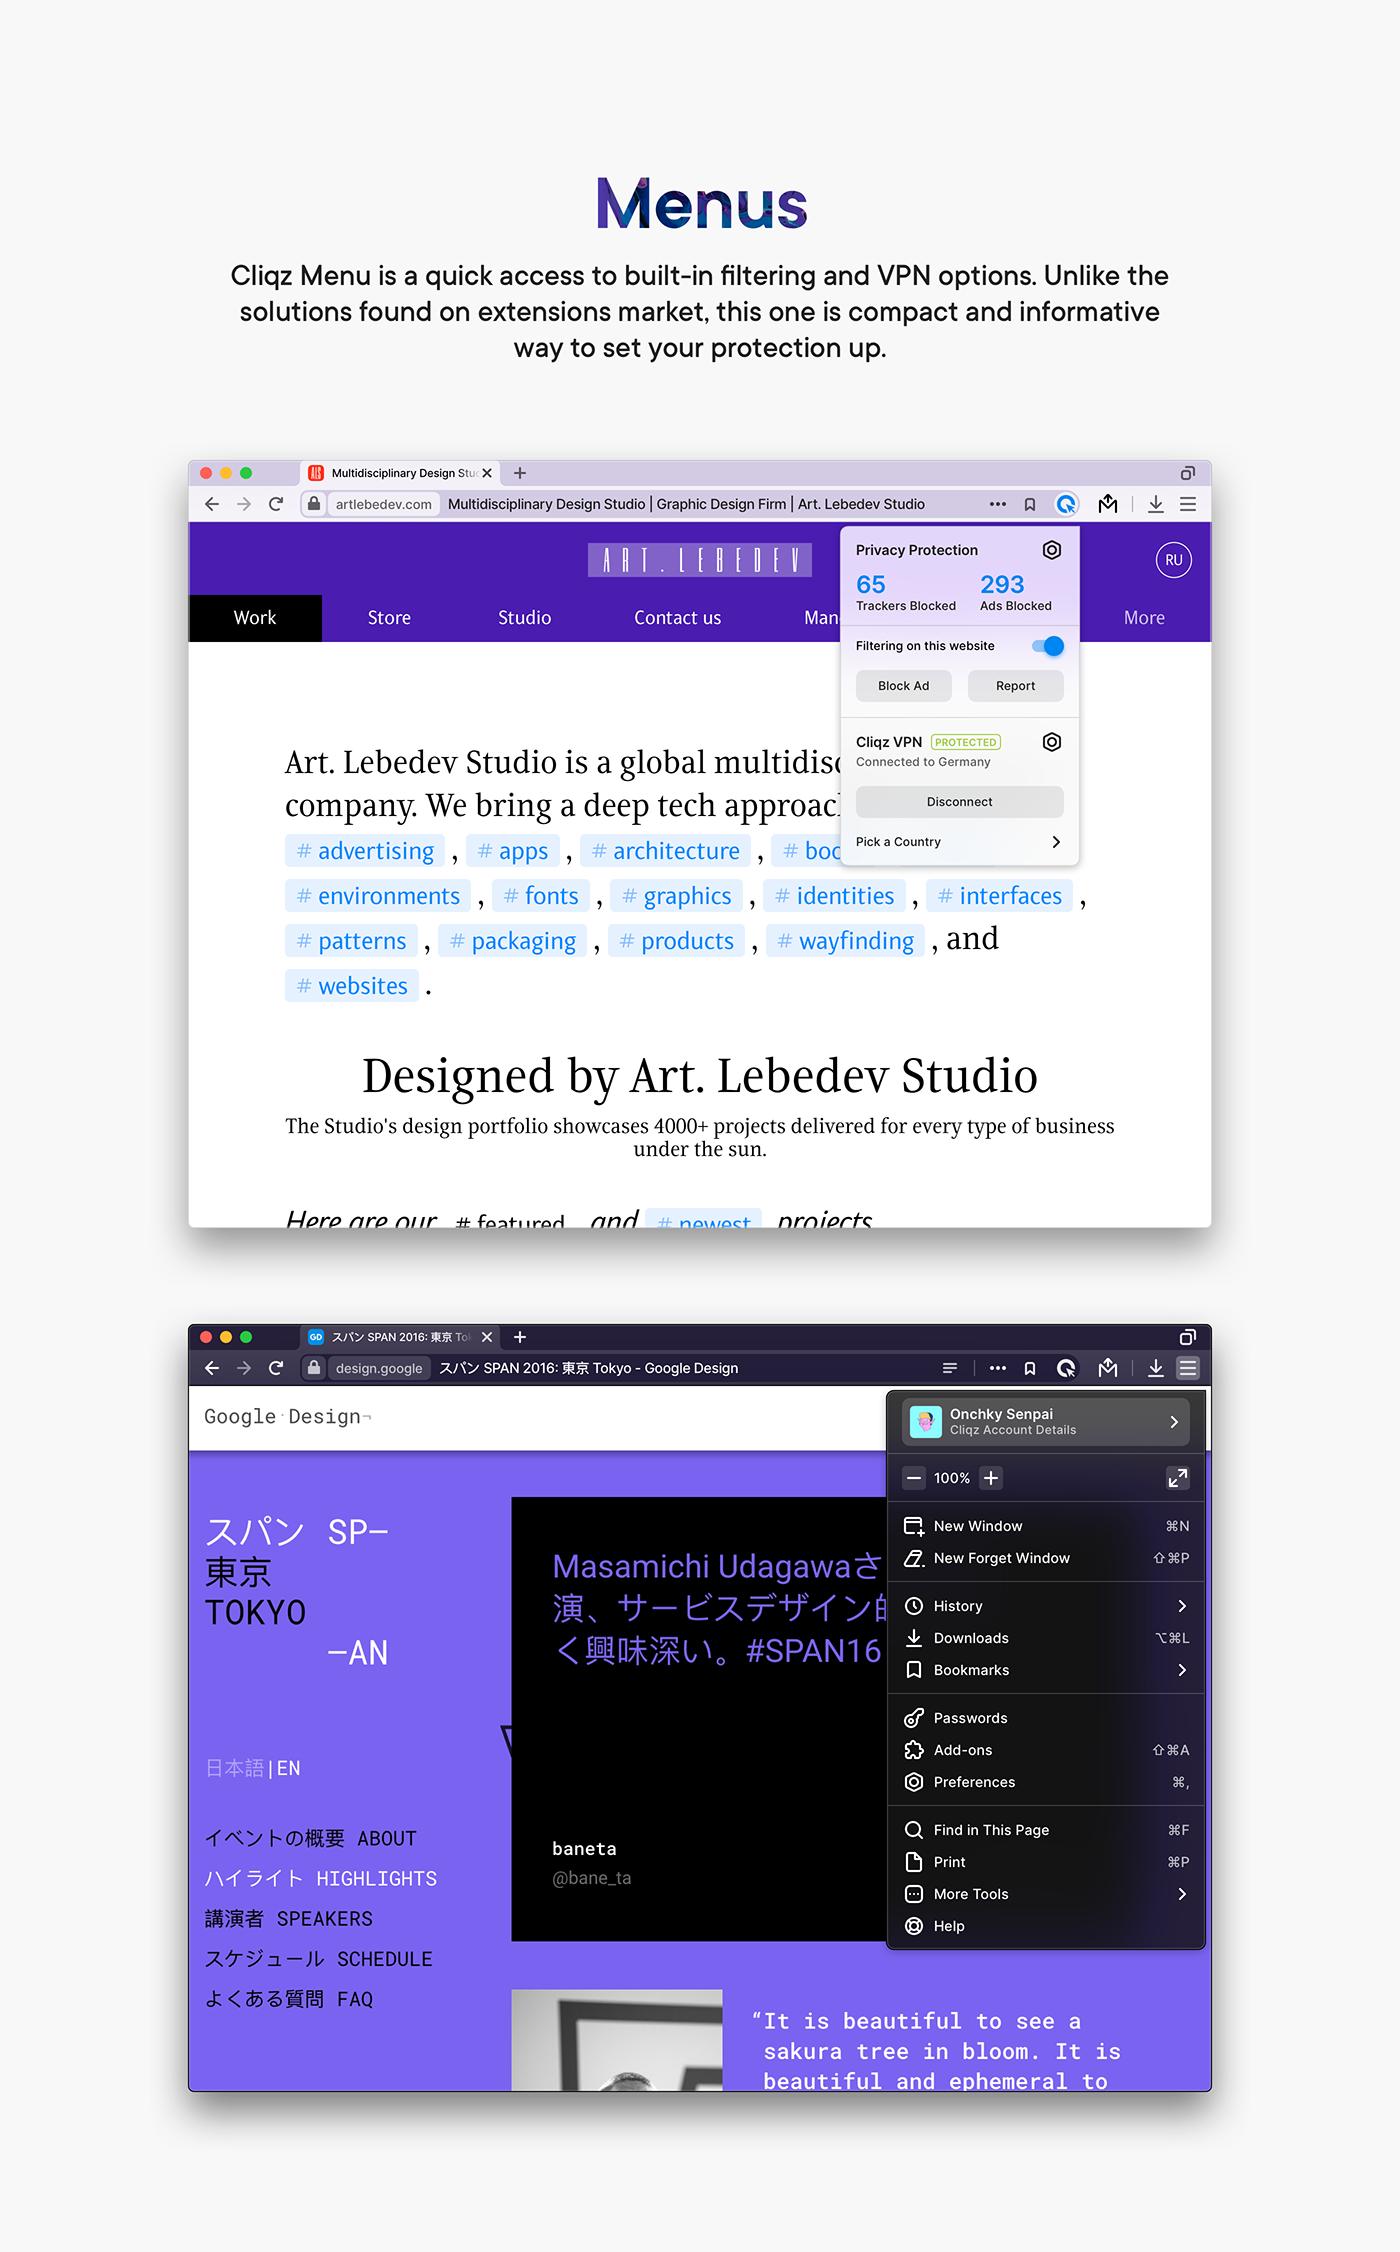 Cliqz Browser